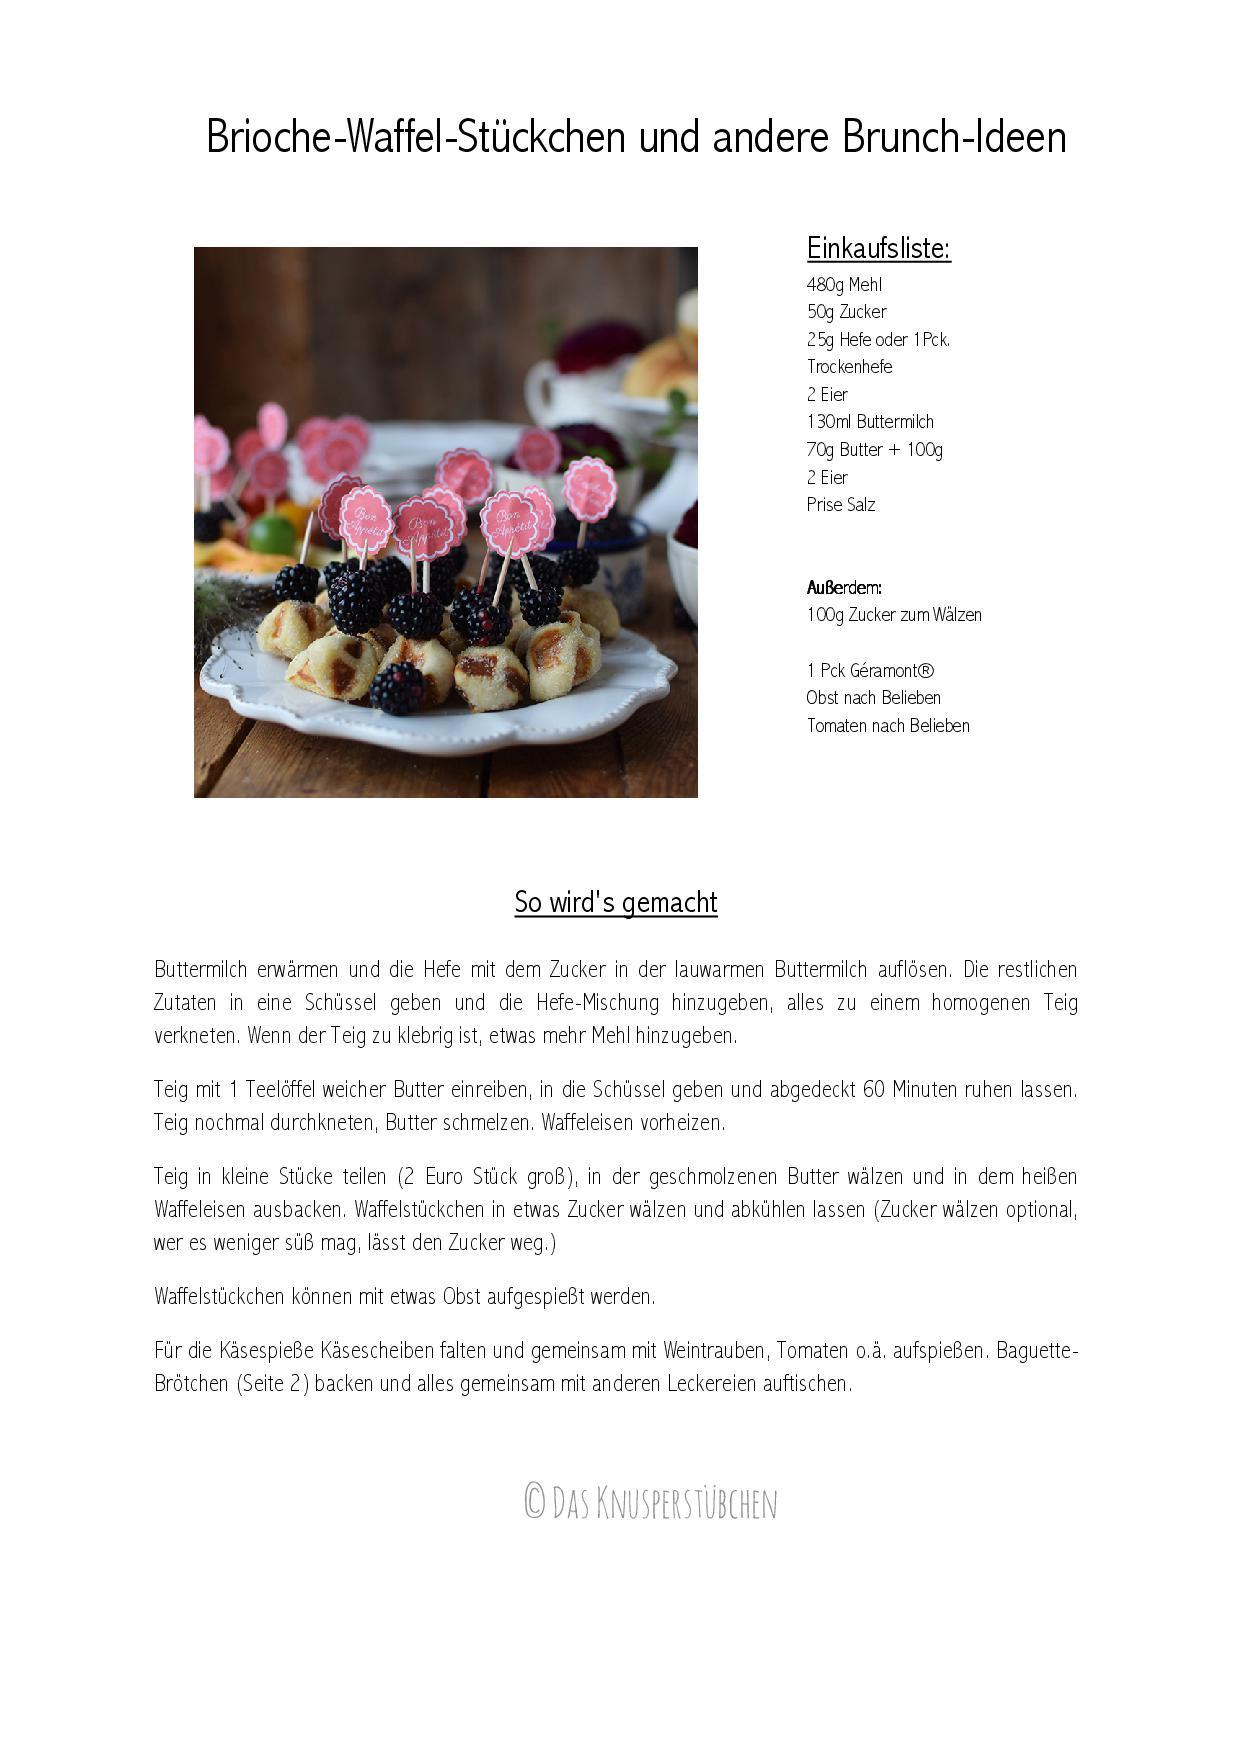 brioche-waffeln-und-baguette-broetchen-001